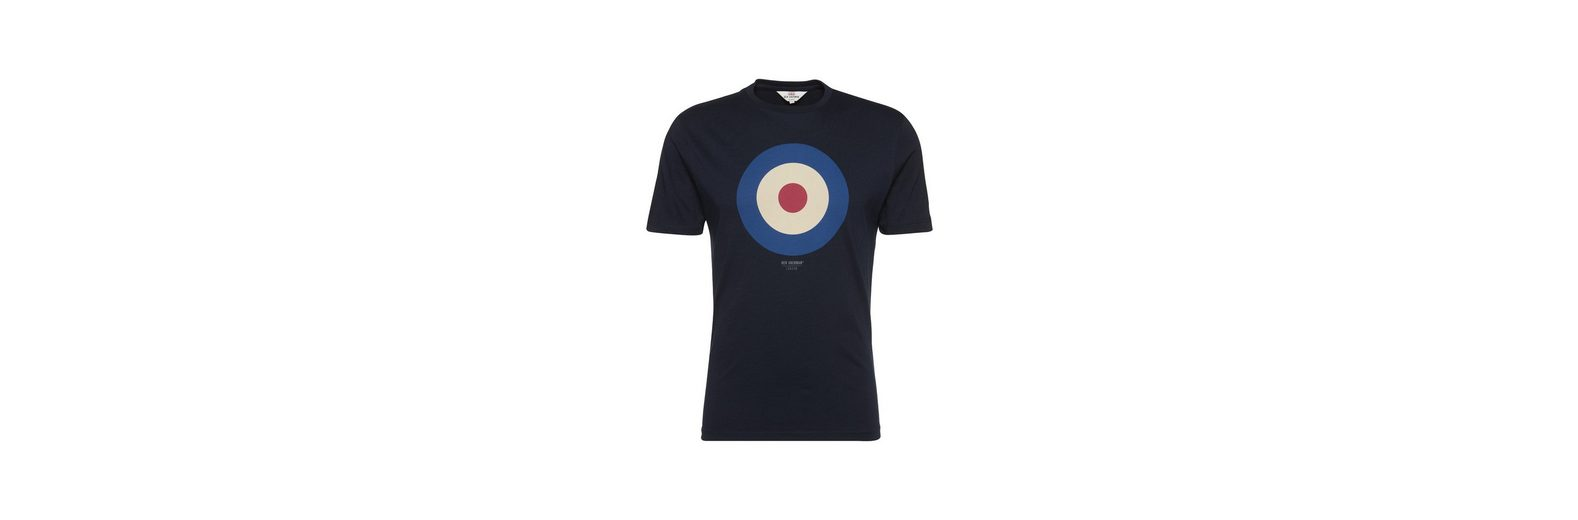 Ben Sherman Print-Shirt THE TARGET TEE Günstig Kaufen Footlocker hkEUf